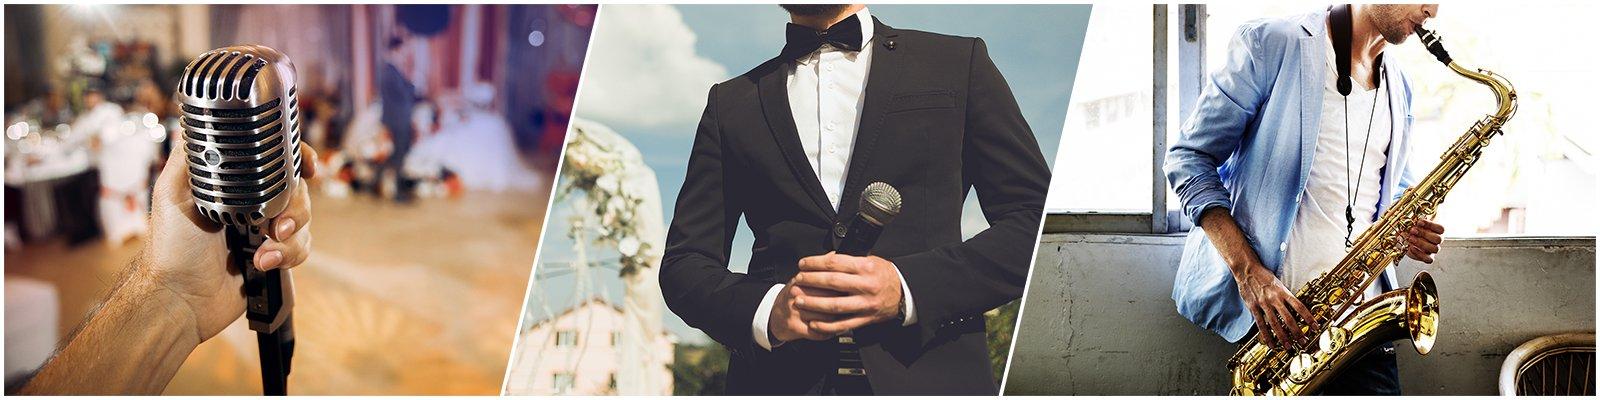 Musica per eventi e feste private- Dario Marra Deejey